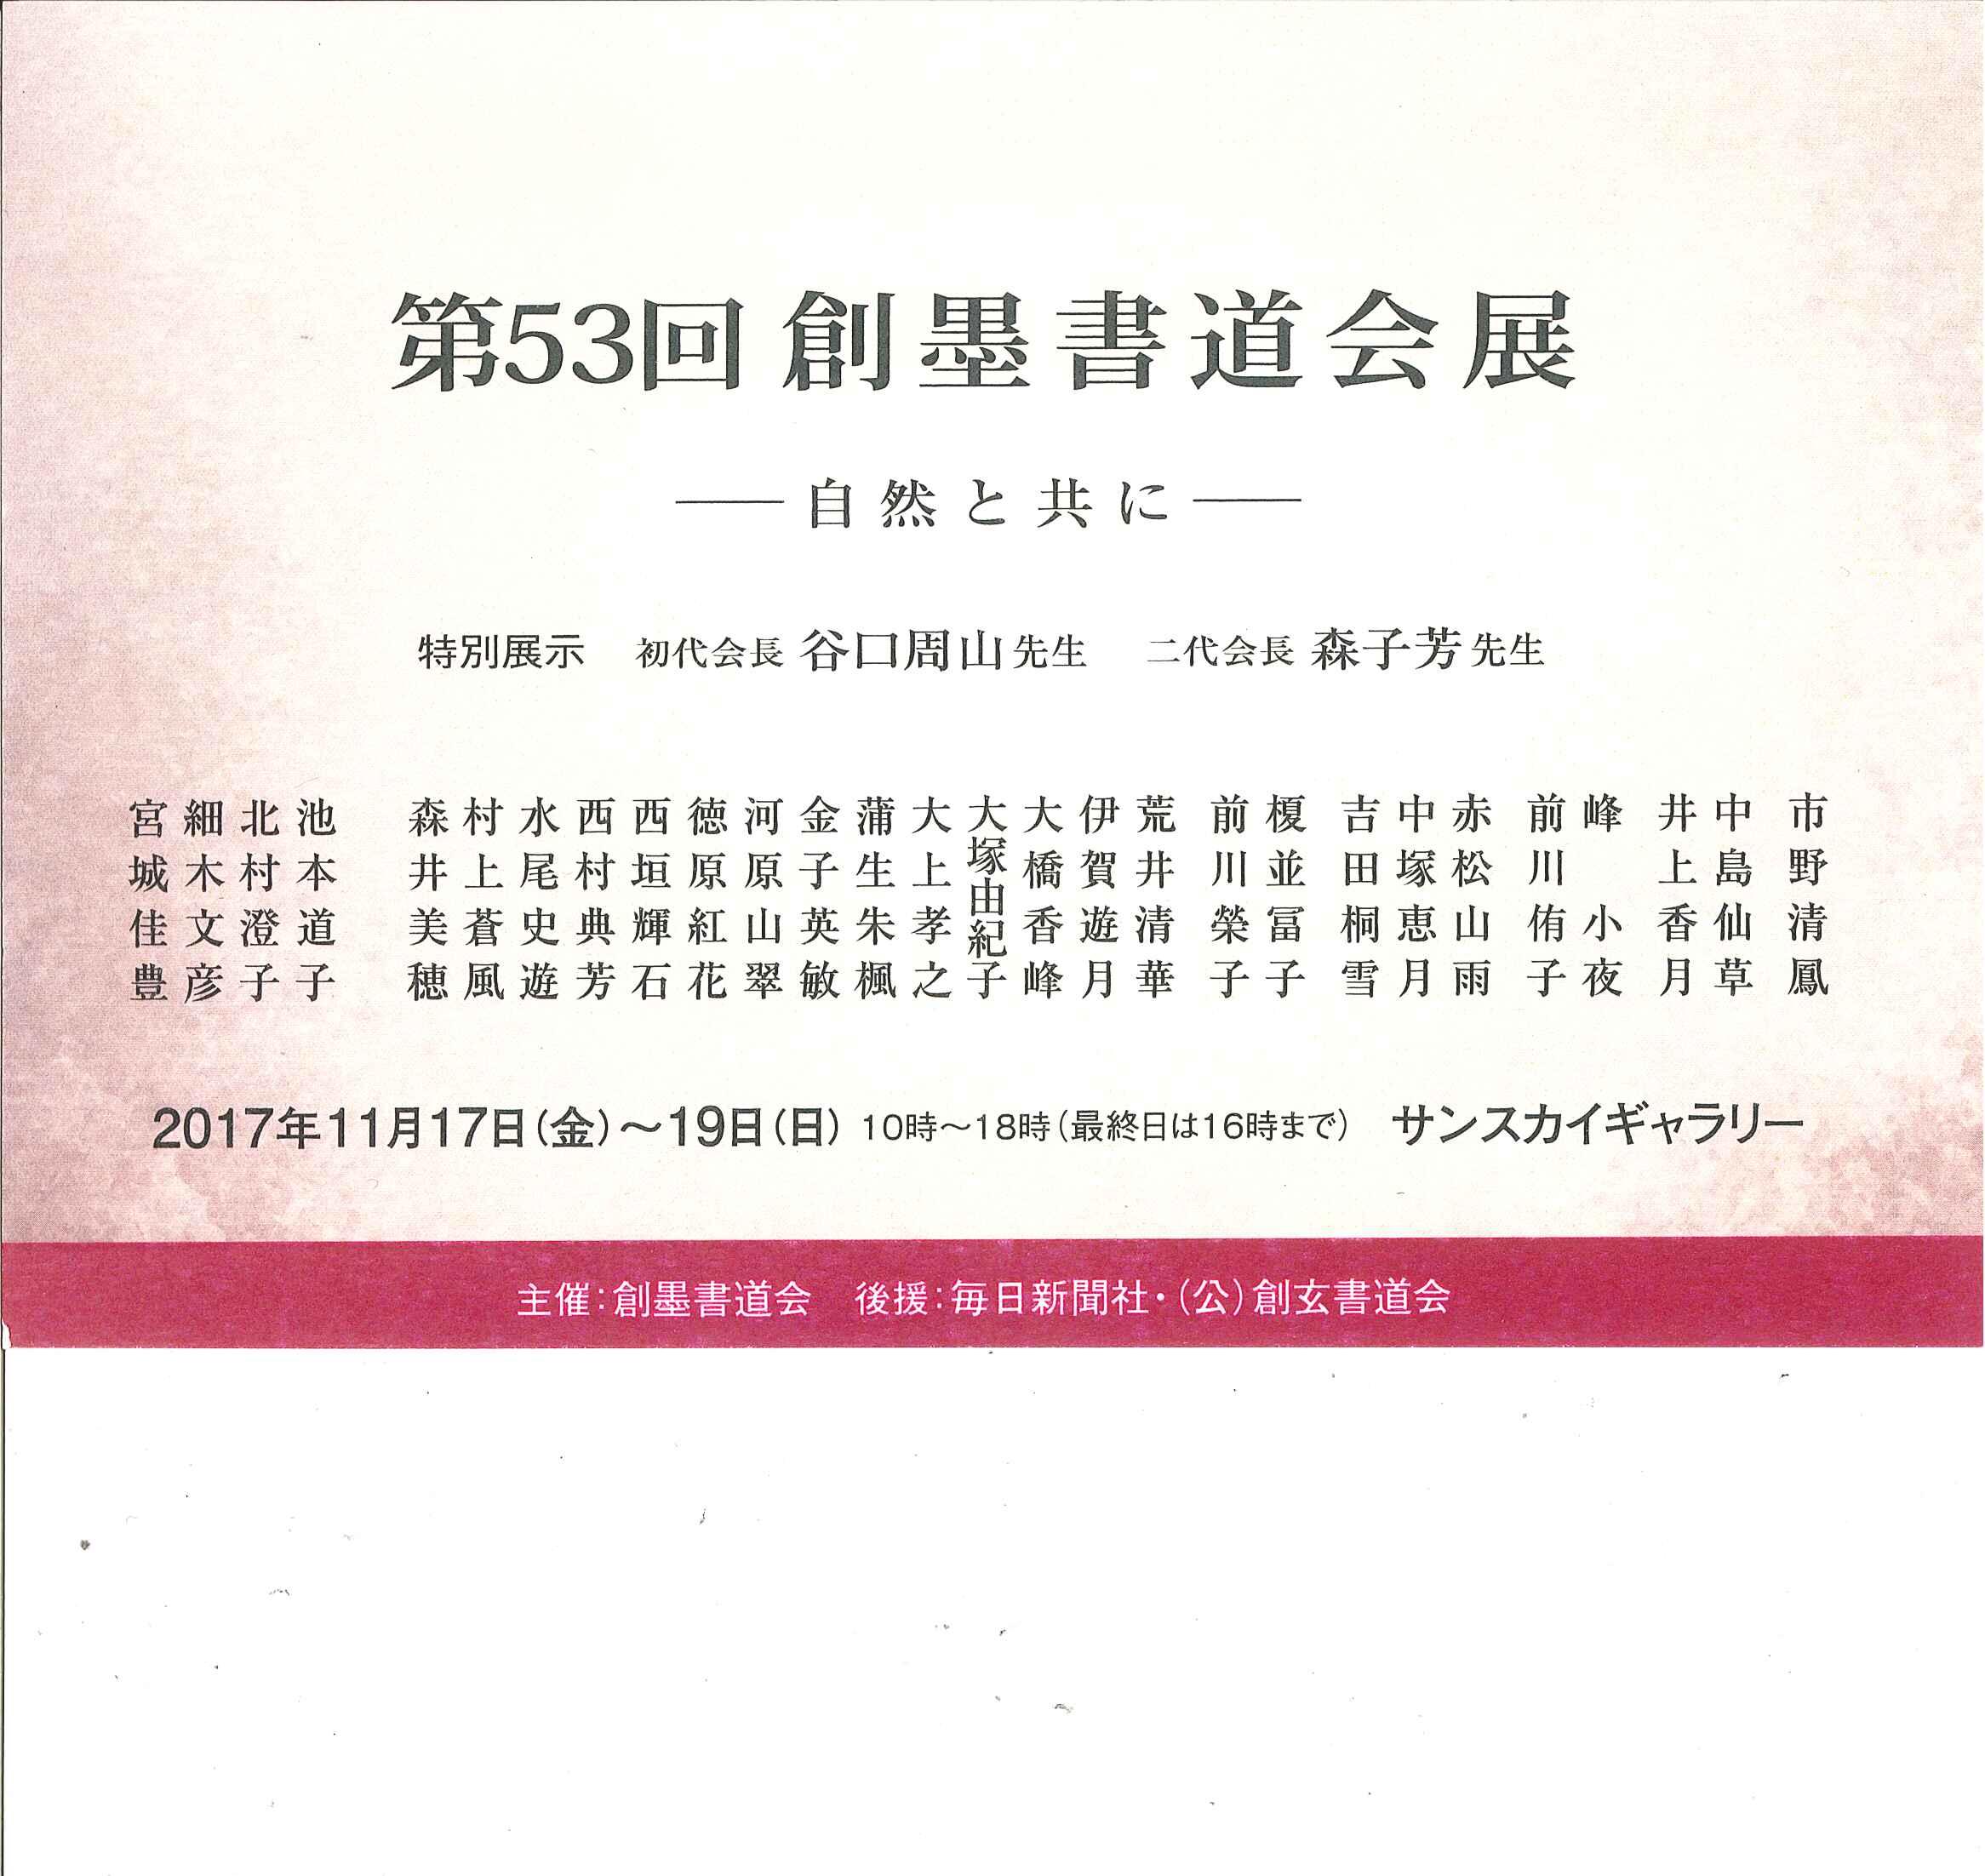 http://www.sogen.or.jp/letter/2017/11/07/20171107152136549_0001.jpg